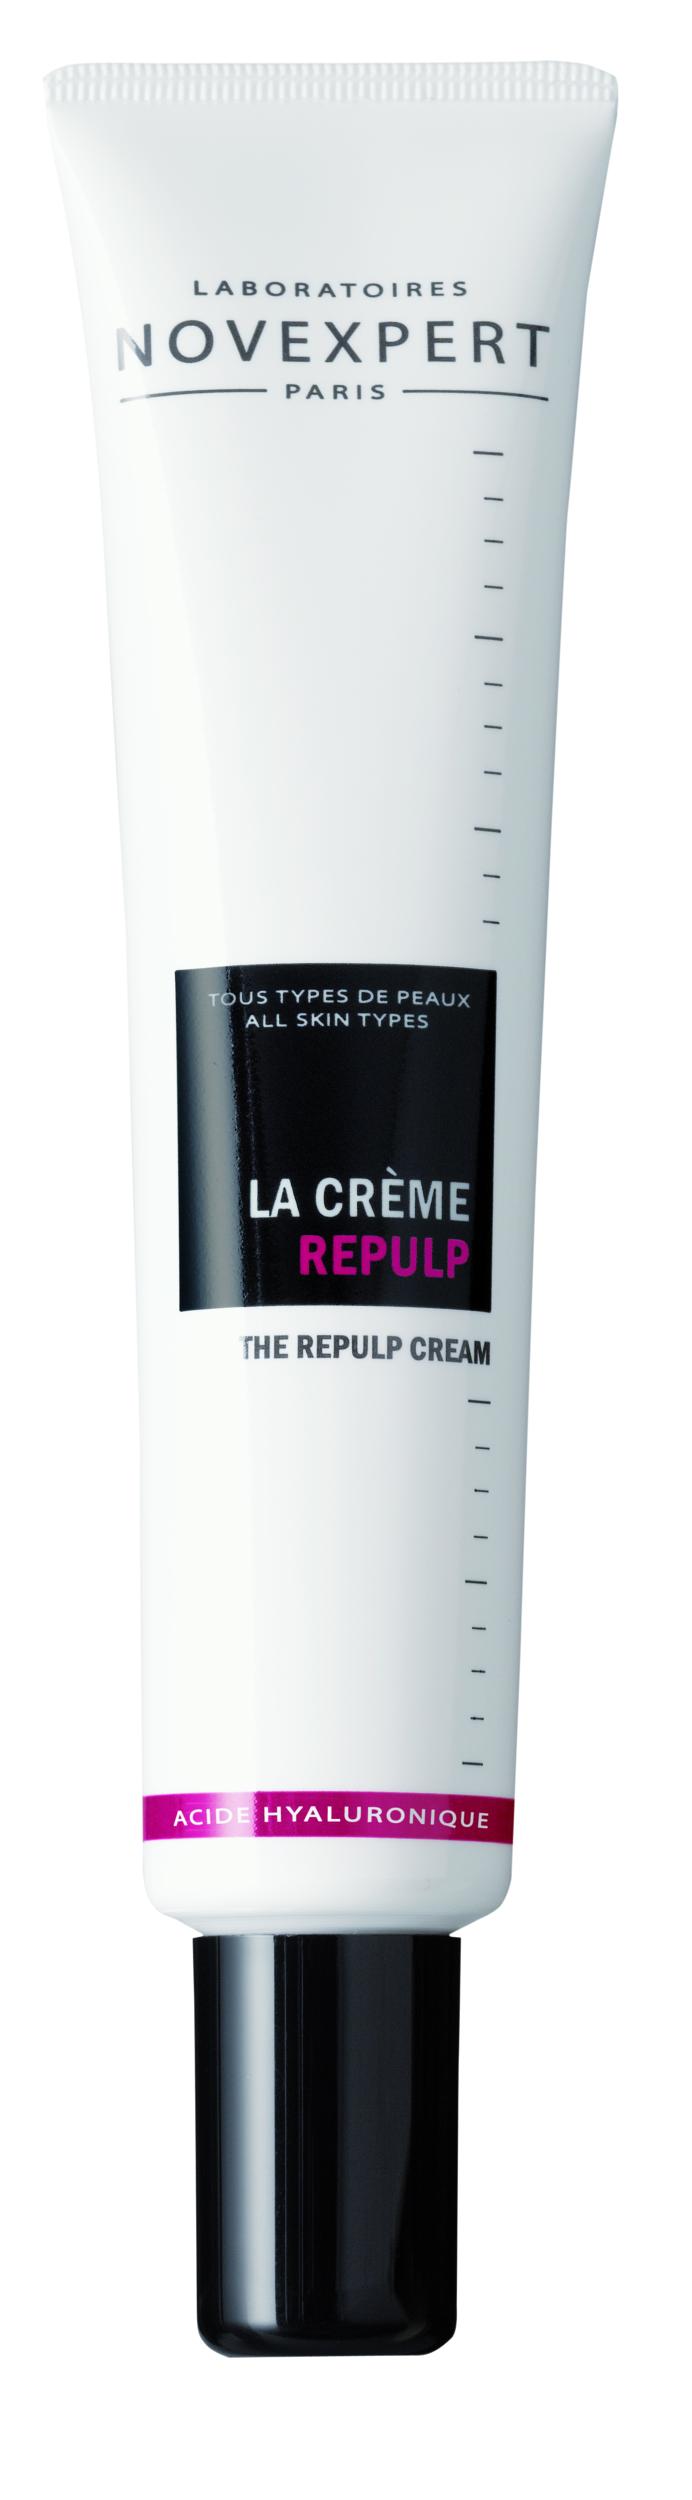 Novexpert-crème-Repulp-Gamme-Acide-Hyaluronique